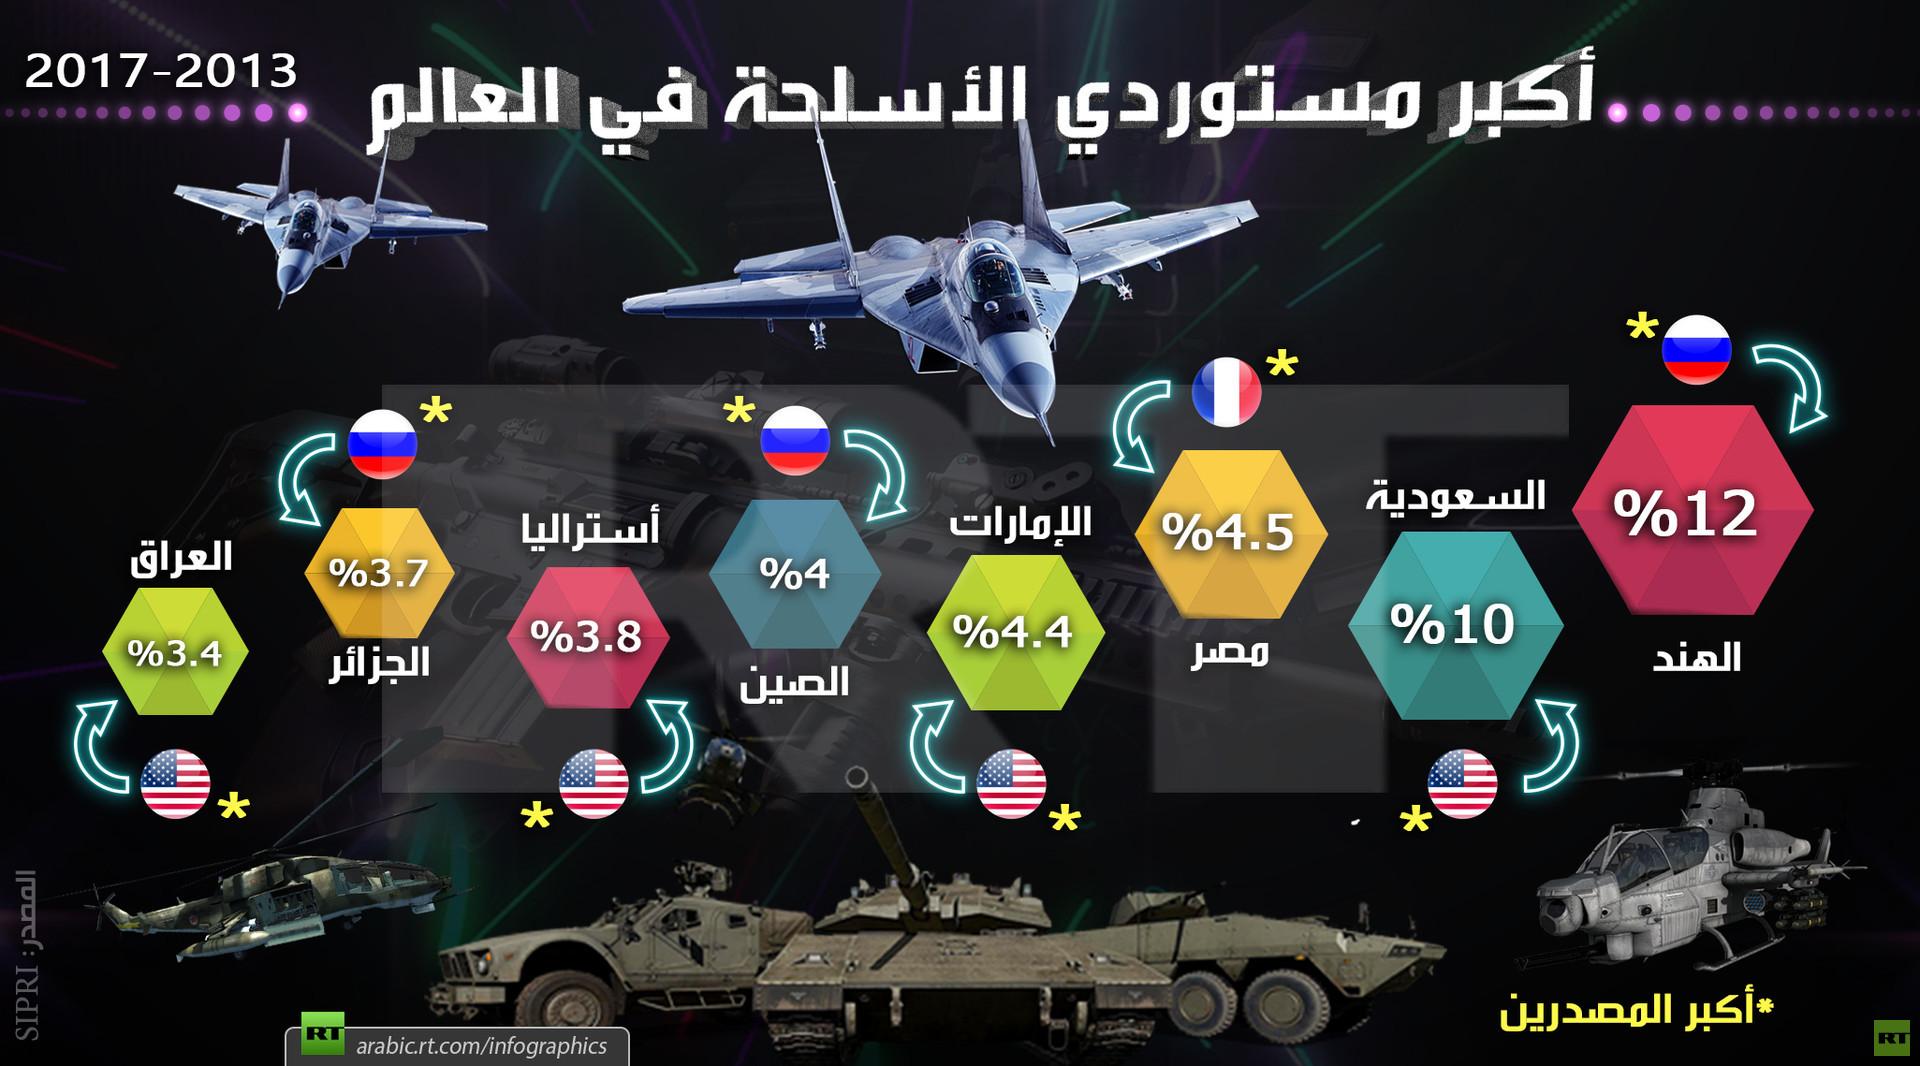 أكبر مستوردي الأسلحة في العالم